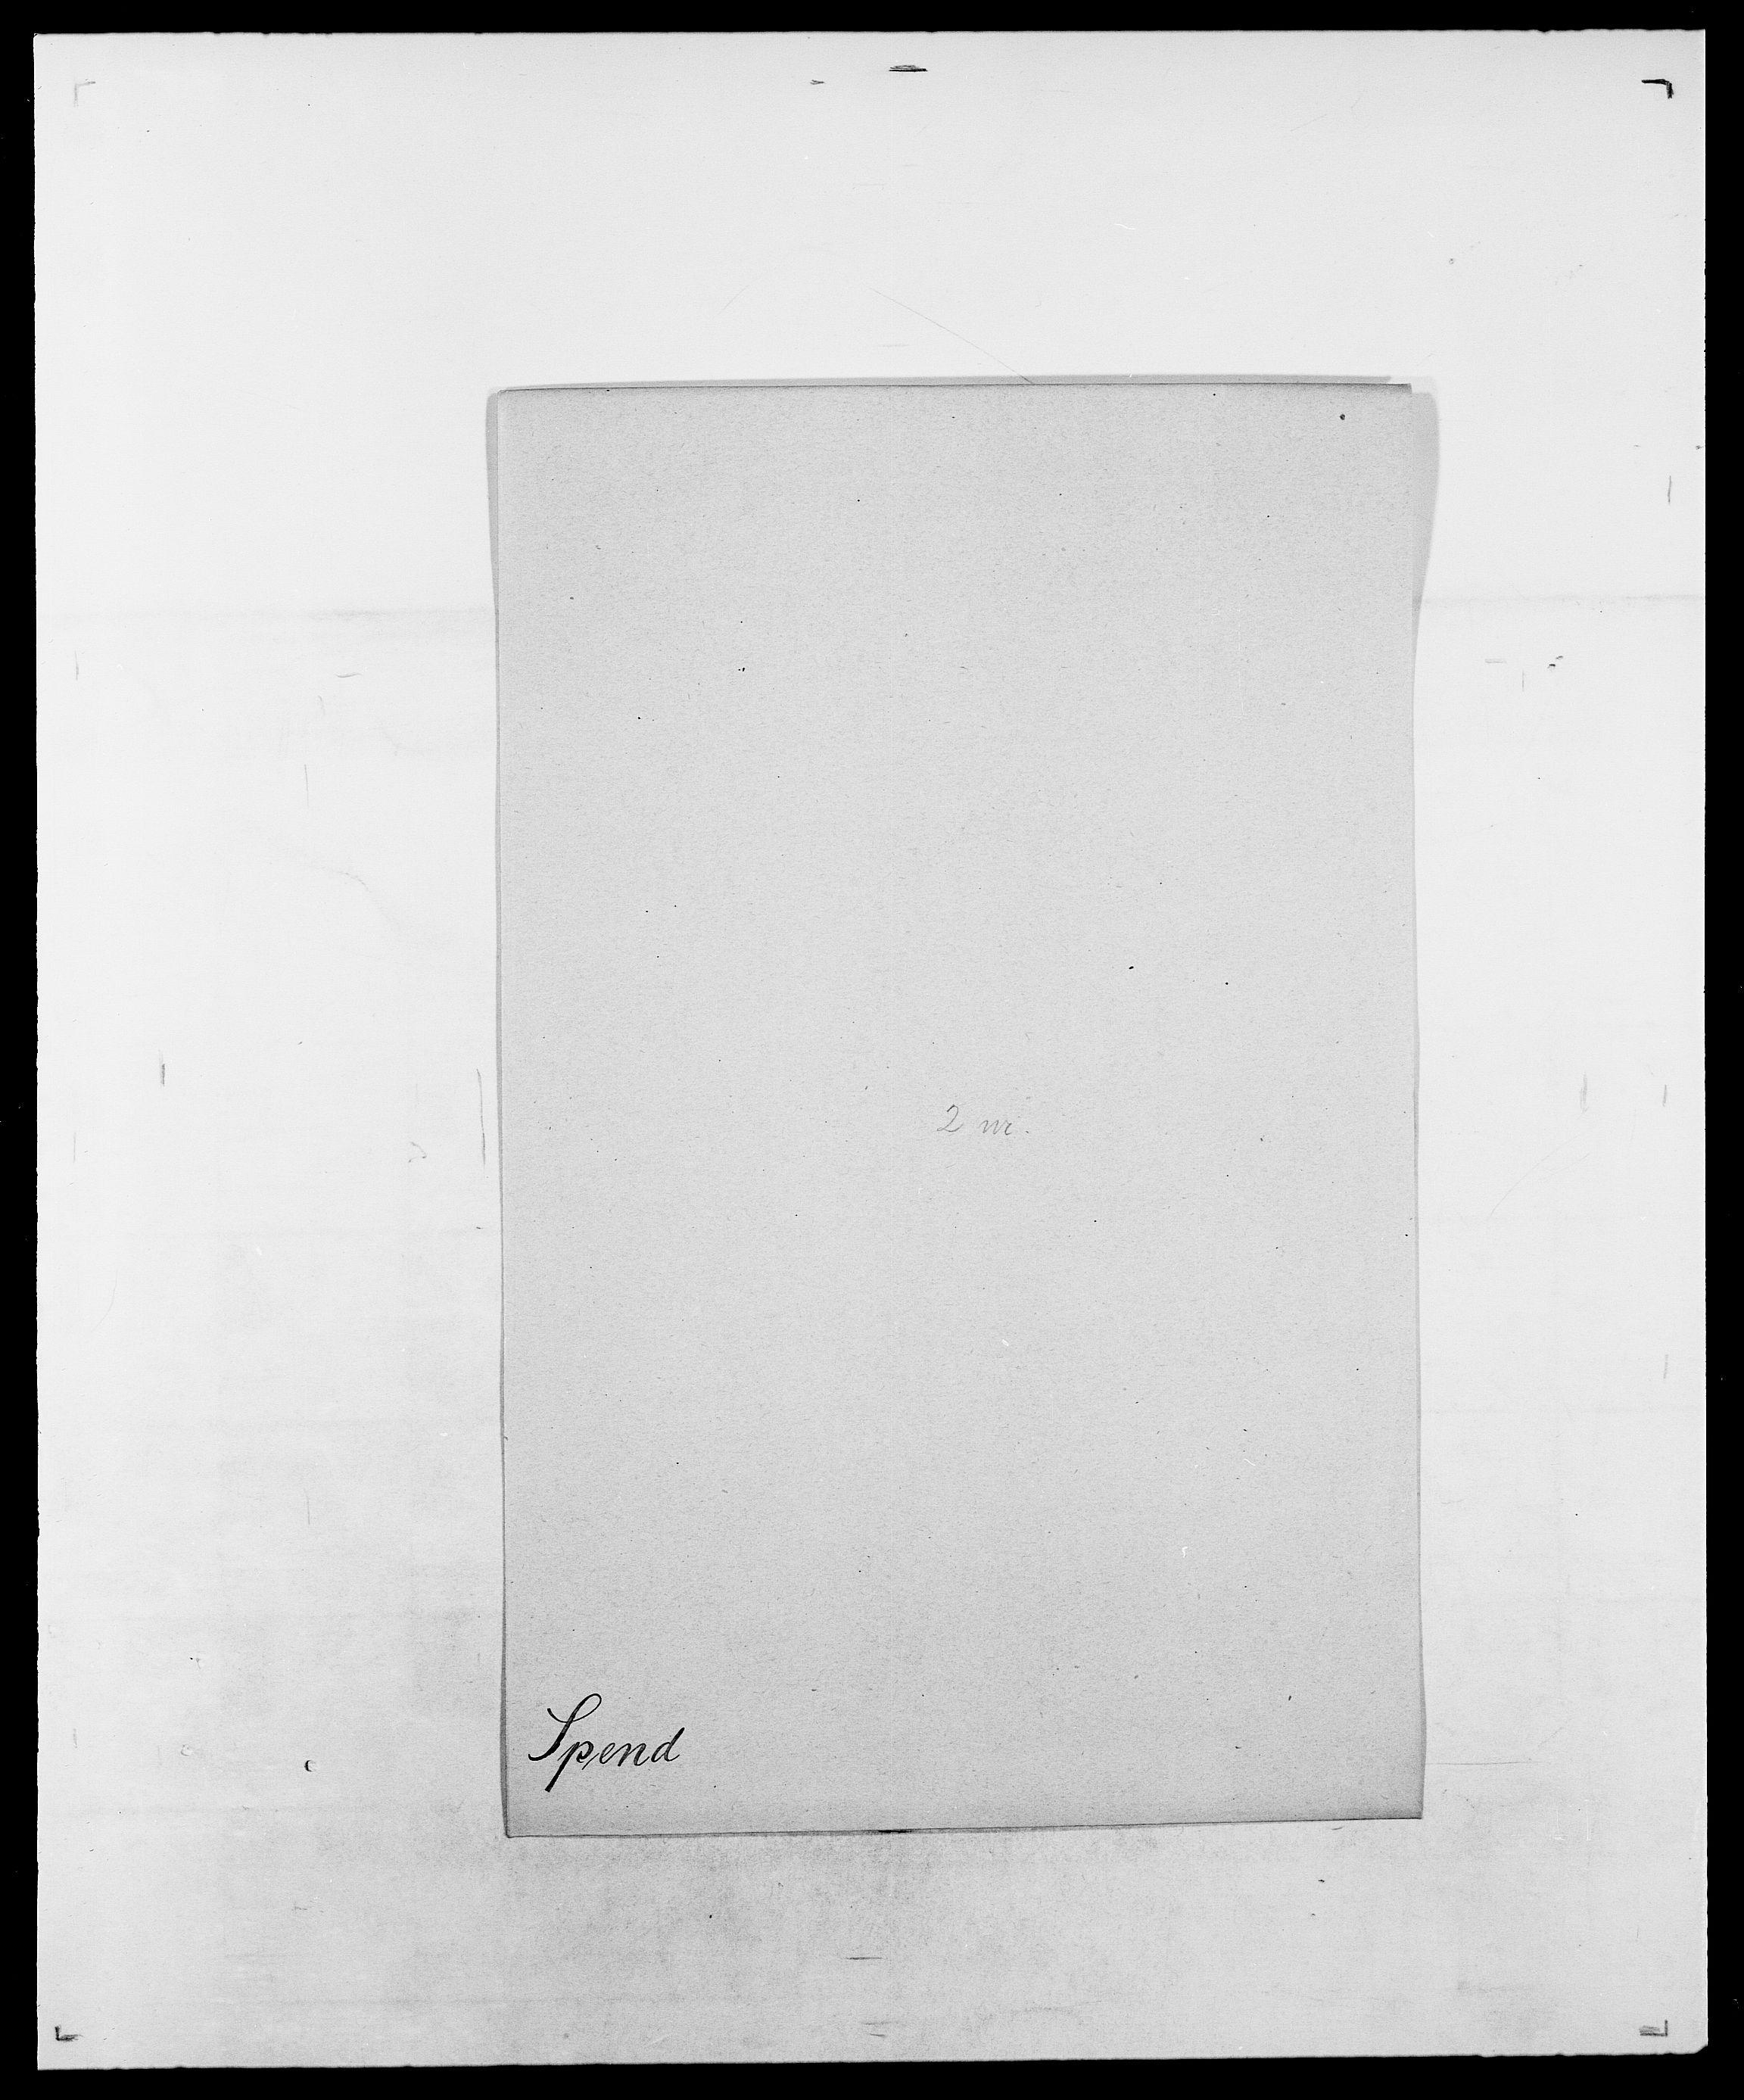 SAO, Delgobe, Charles Antoine - samling, D/Da/L0036: Skaanør - Staverskov, s. 531